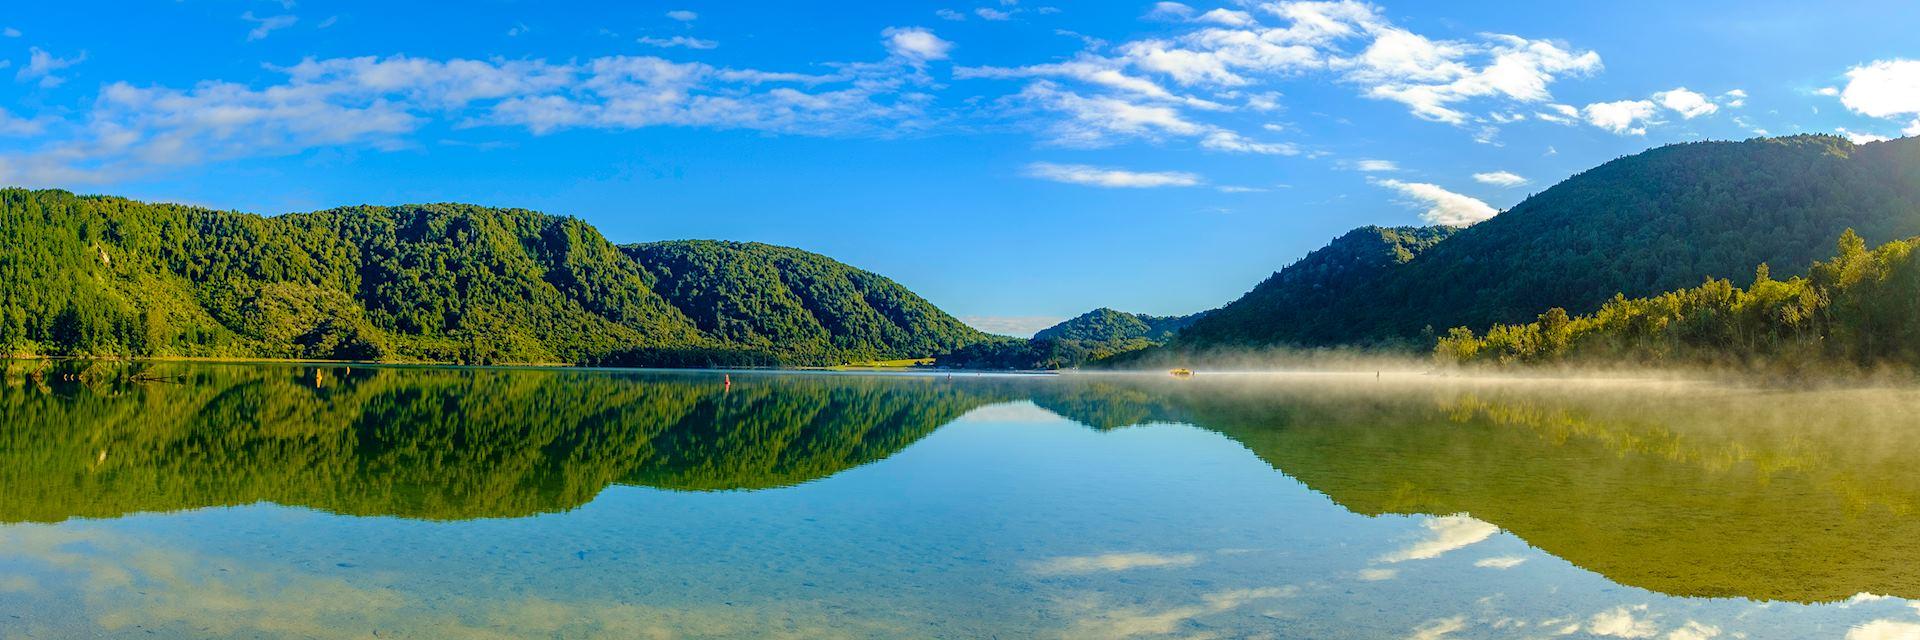 Lake Tikitapu (Blue Lake), Rotorua